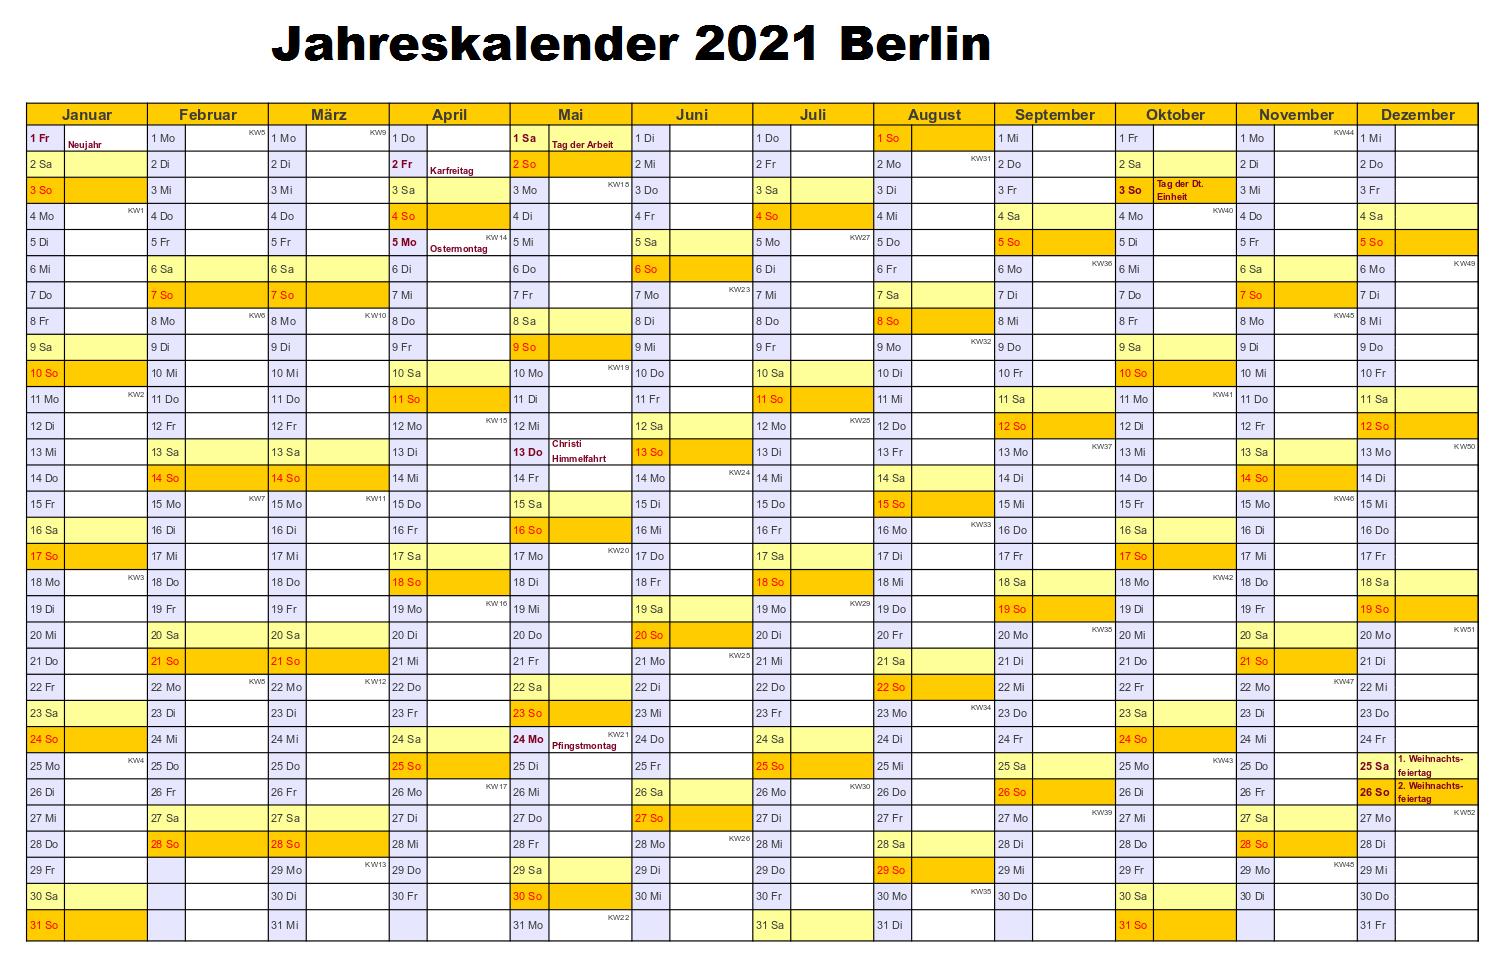 Jahreskalender 2021 Berlin PDF